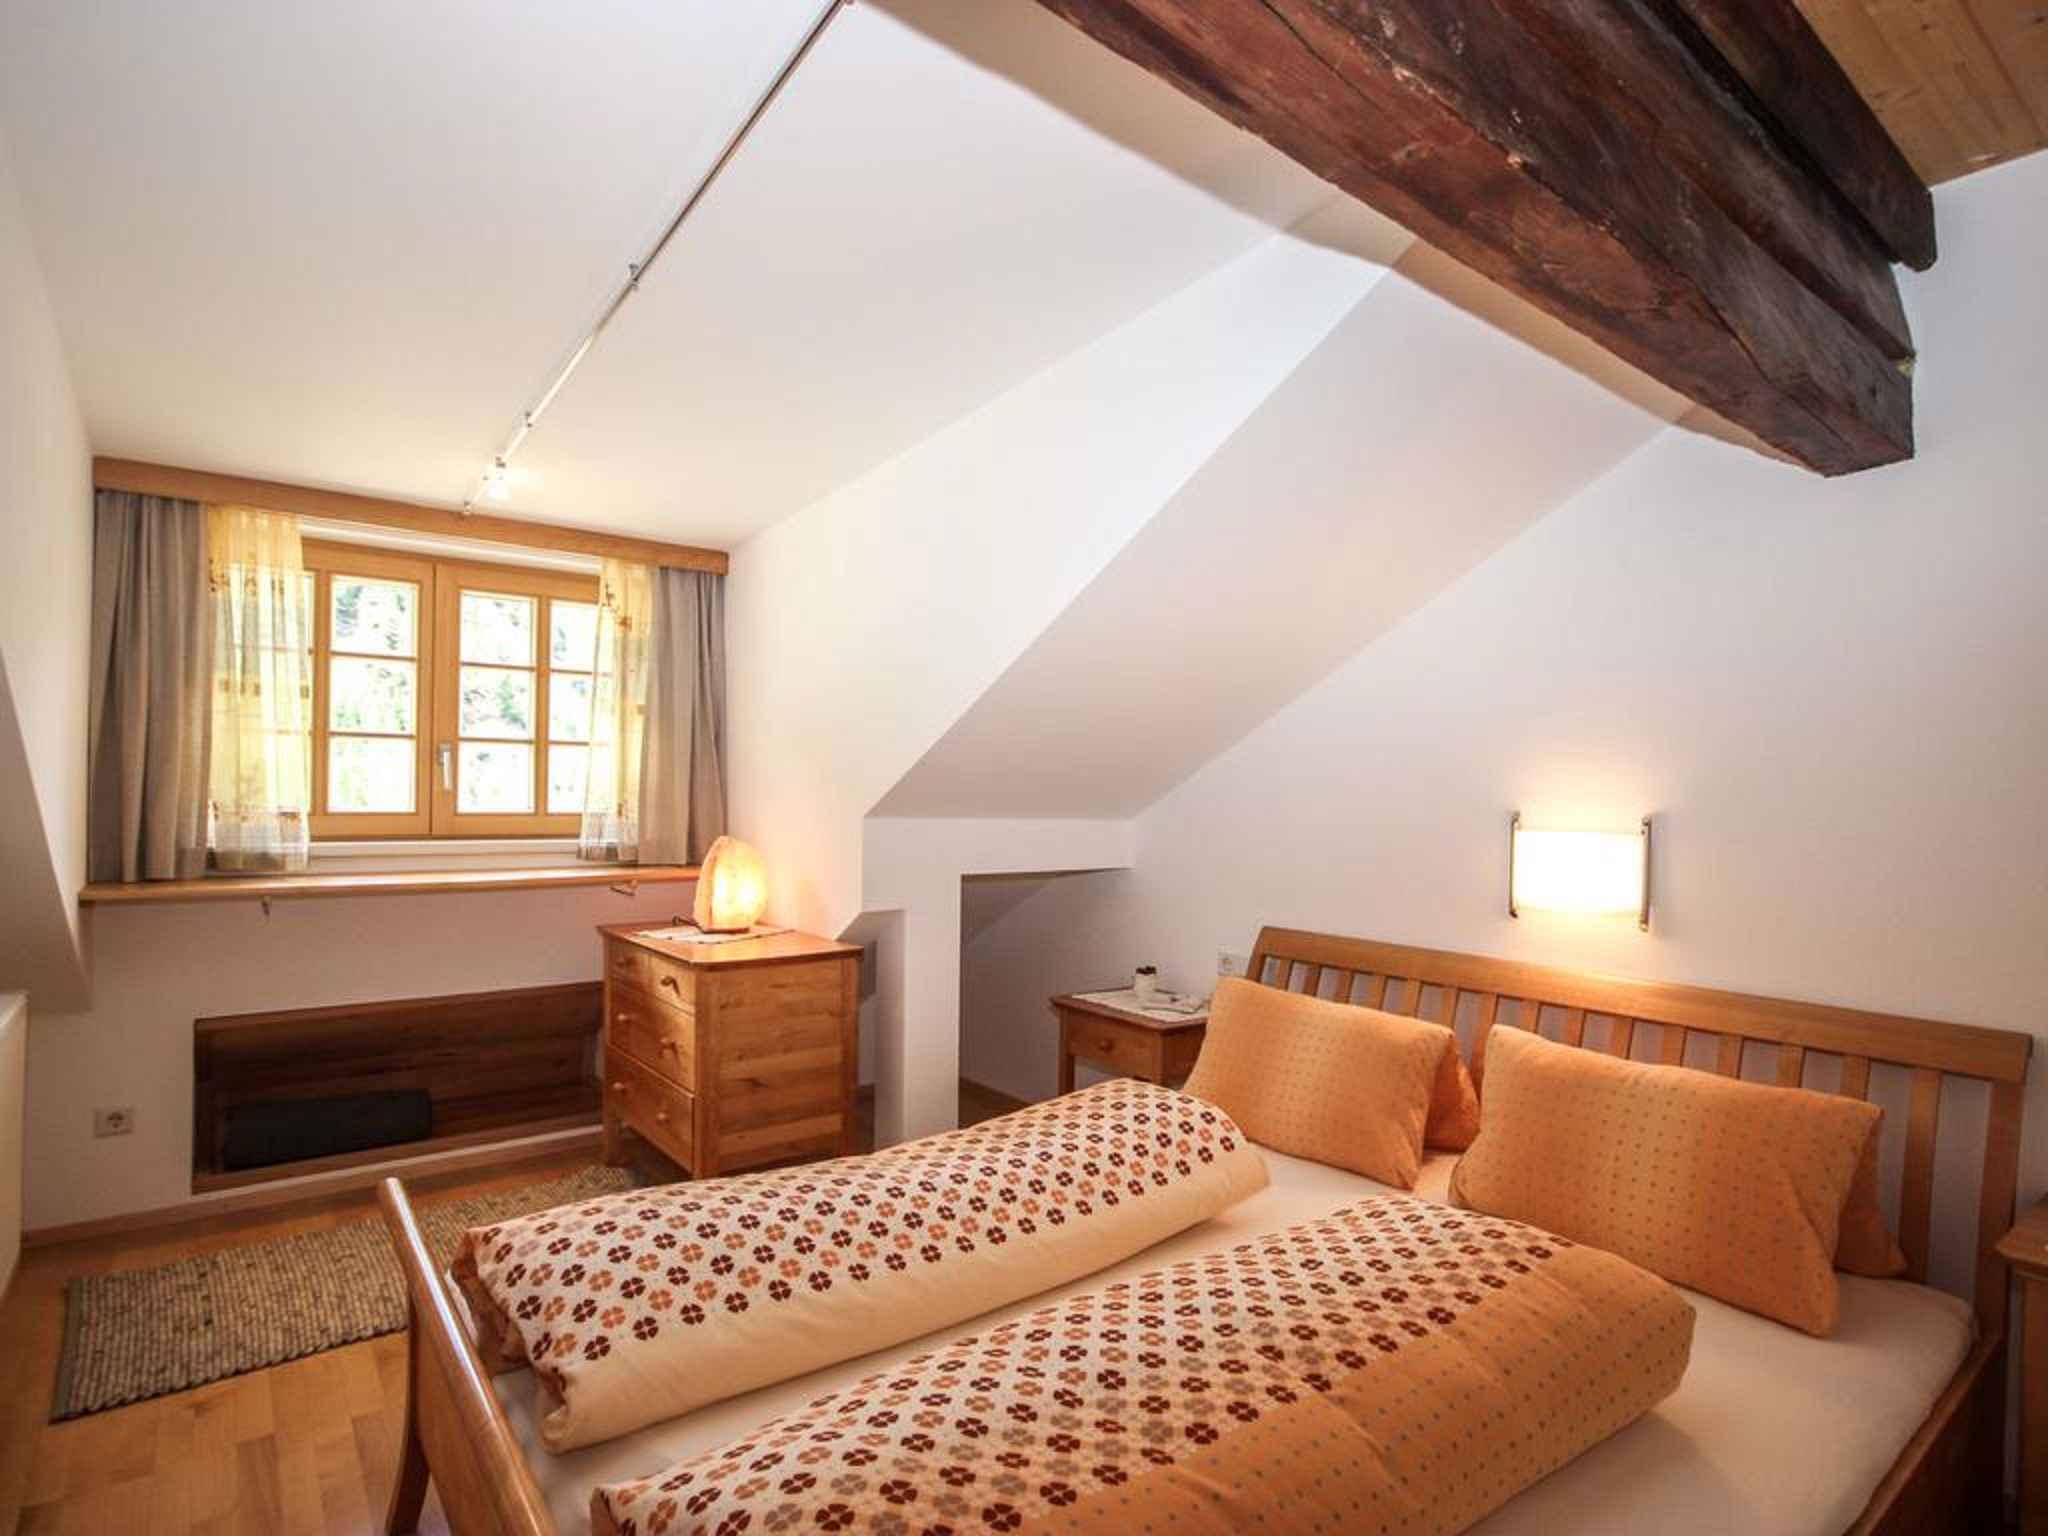 Ferienwohnung in einem über 300 Jahre alten Holzhaus (283708), Sölden (AT), Ötztal, Tirol, Österreich, Bild 16